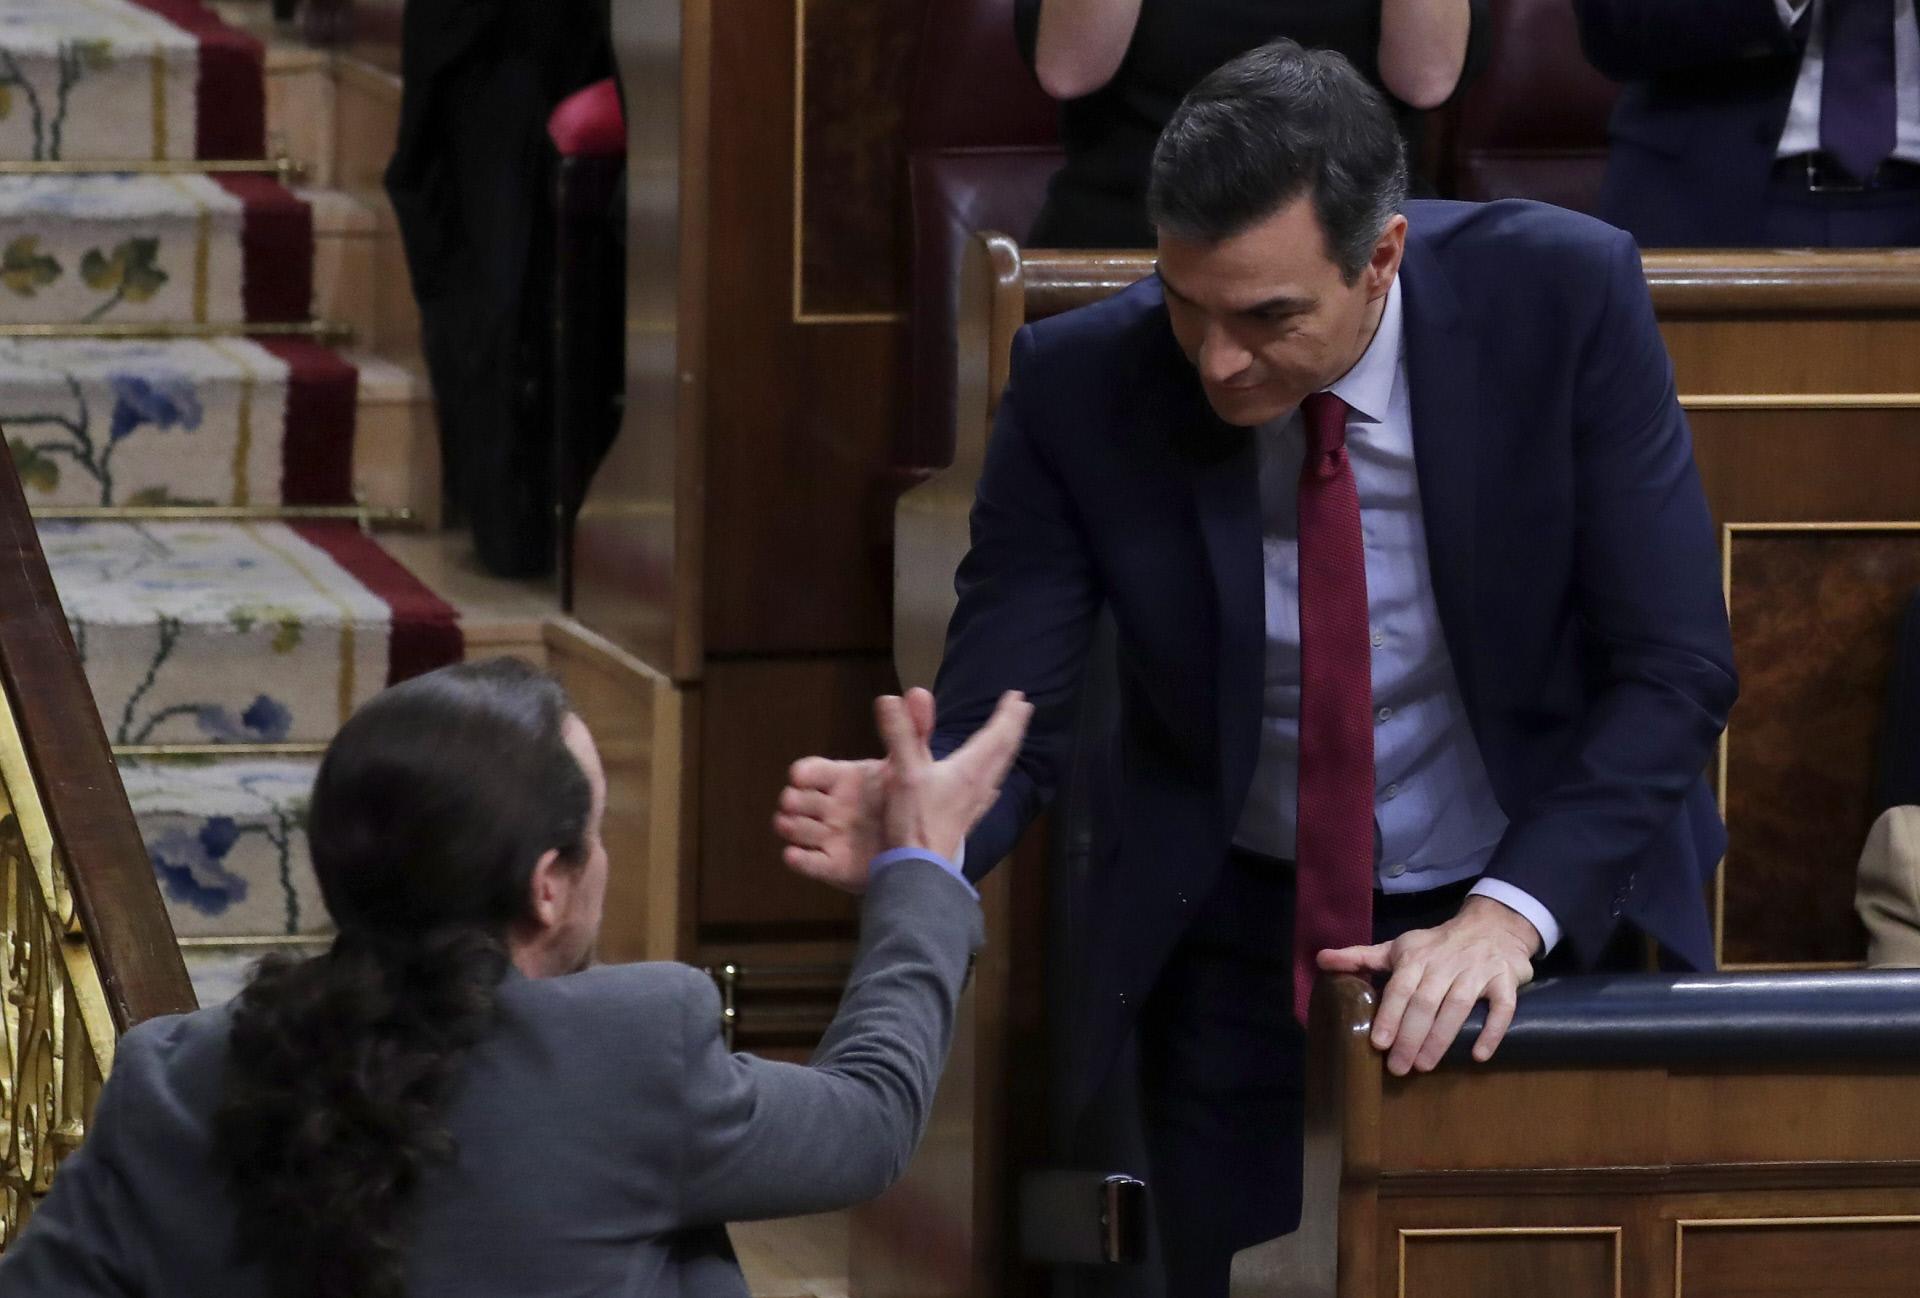 Momento de la toma de posesión de Pedro Sánchez como presidente de España / Gtres